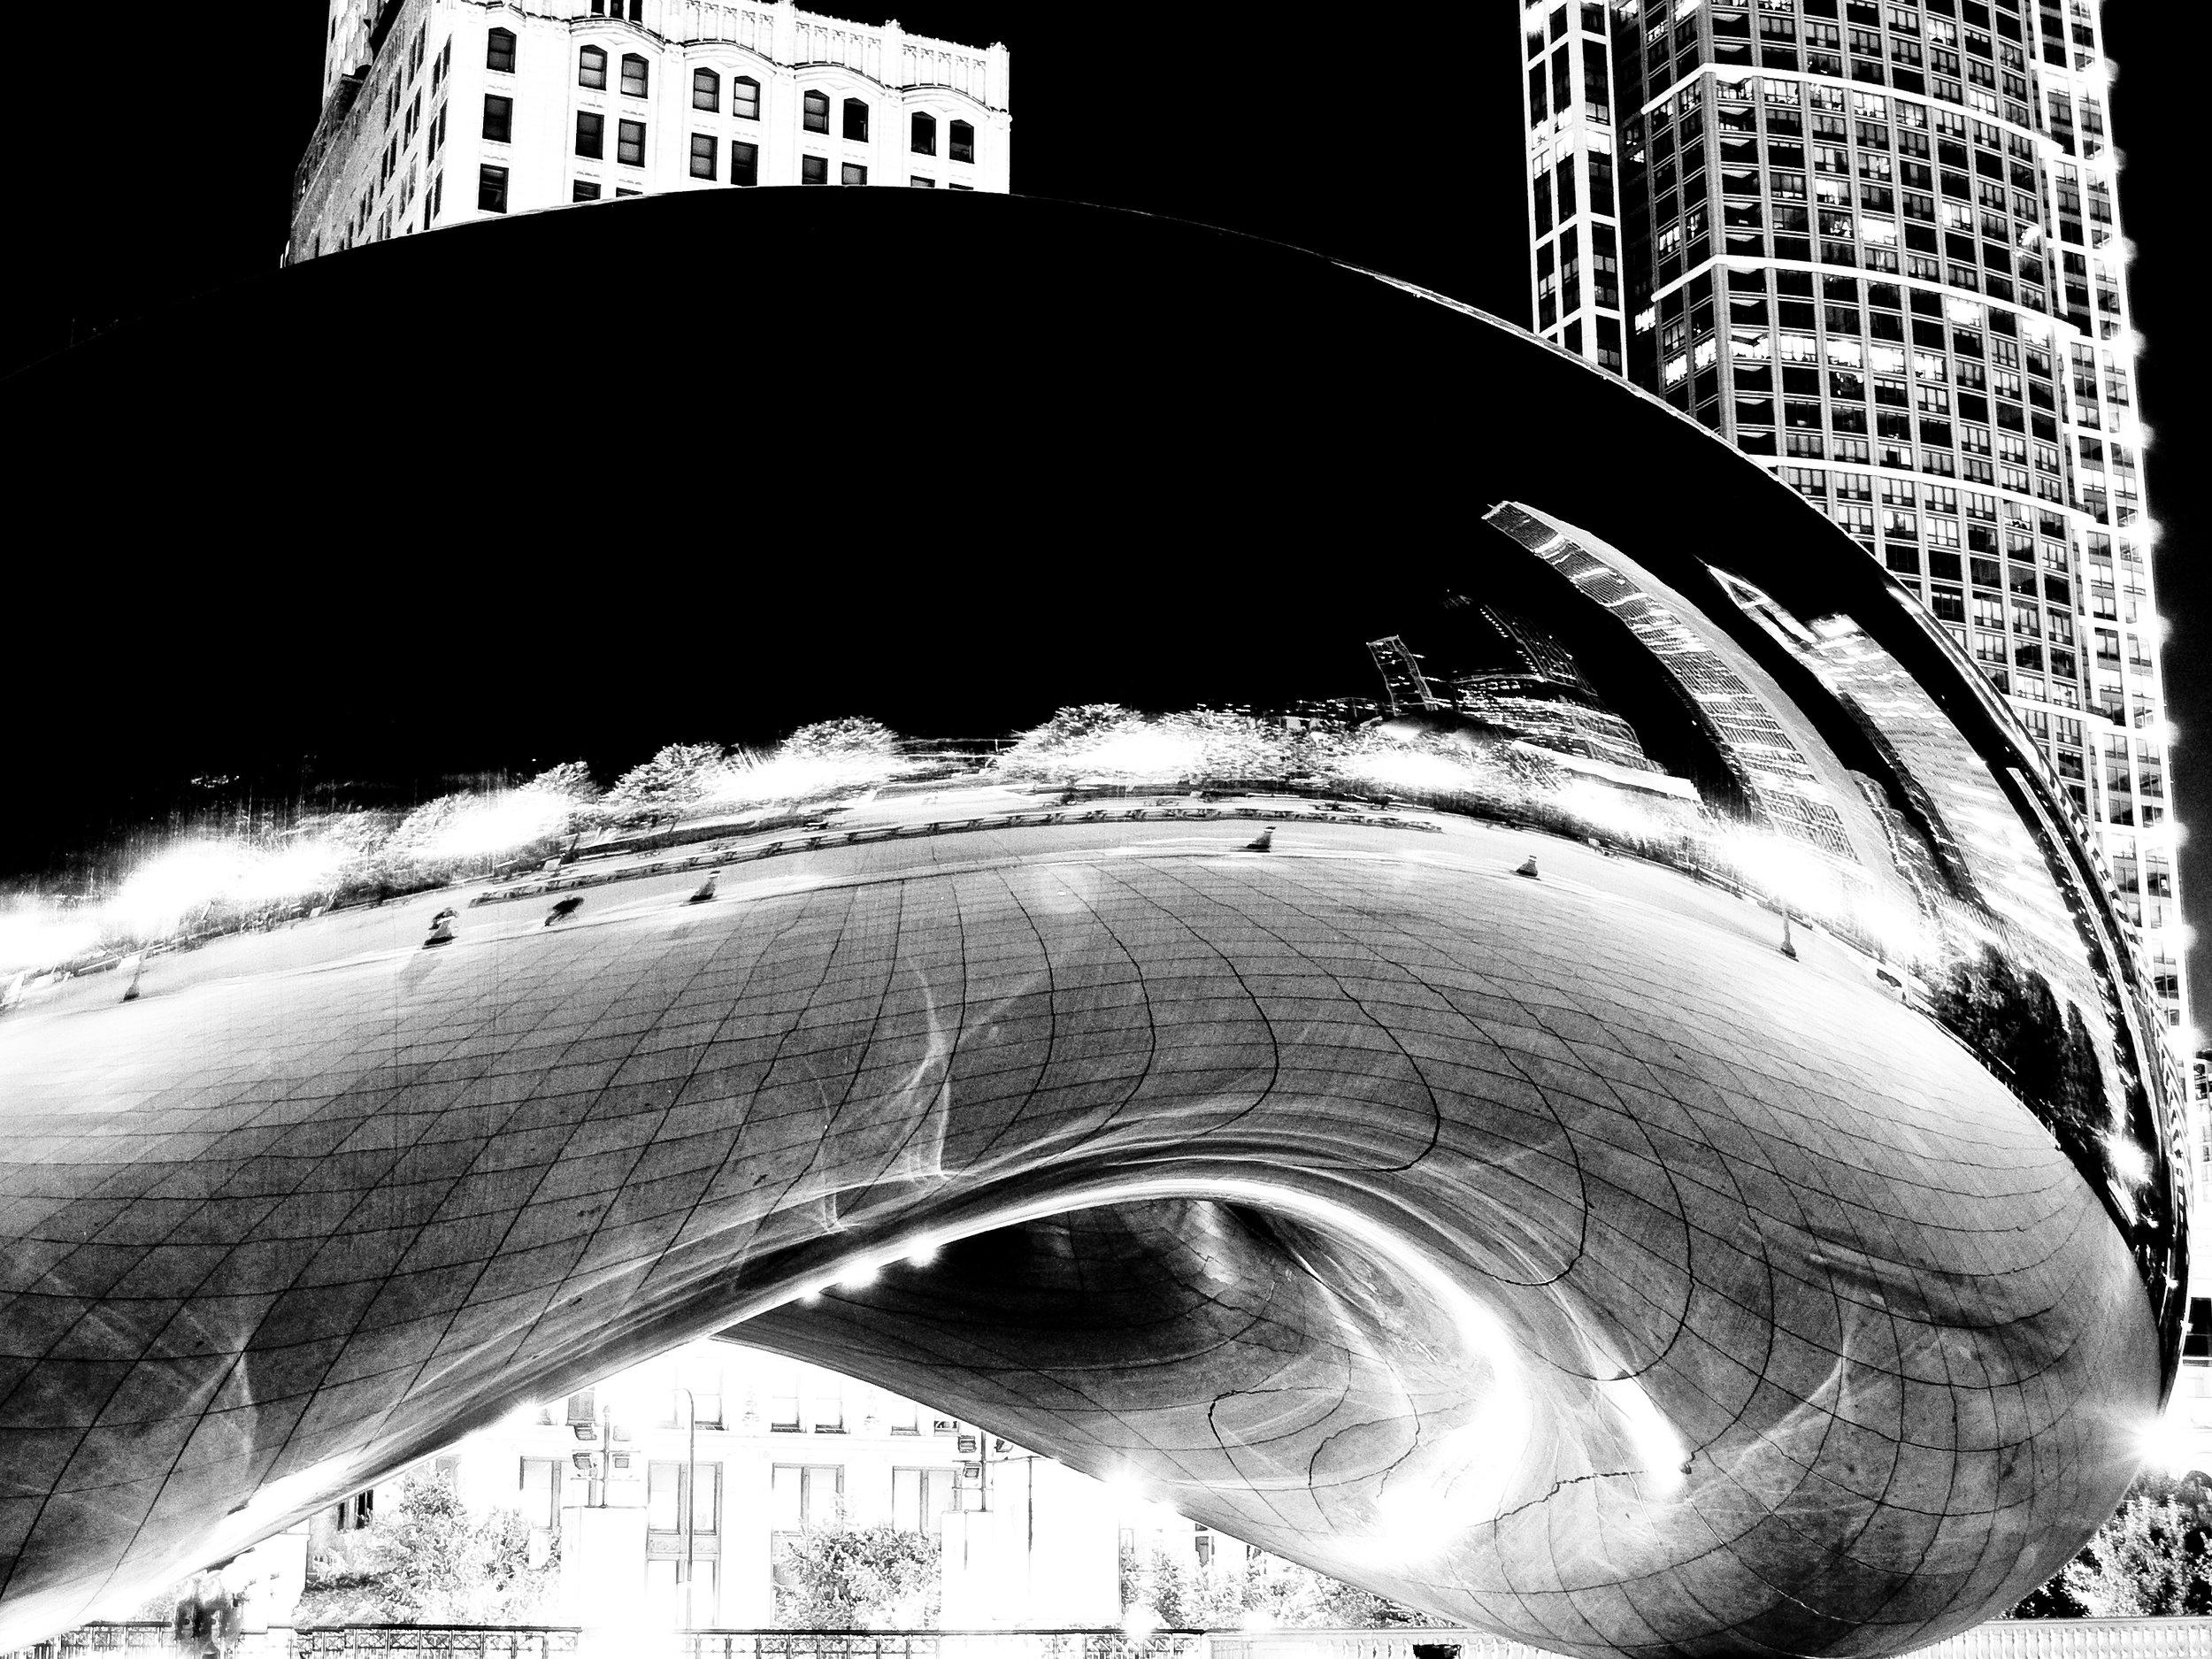 The Bean, Chicago, Illinois - by John Cornelissen